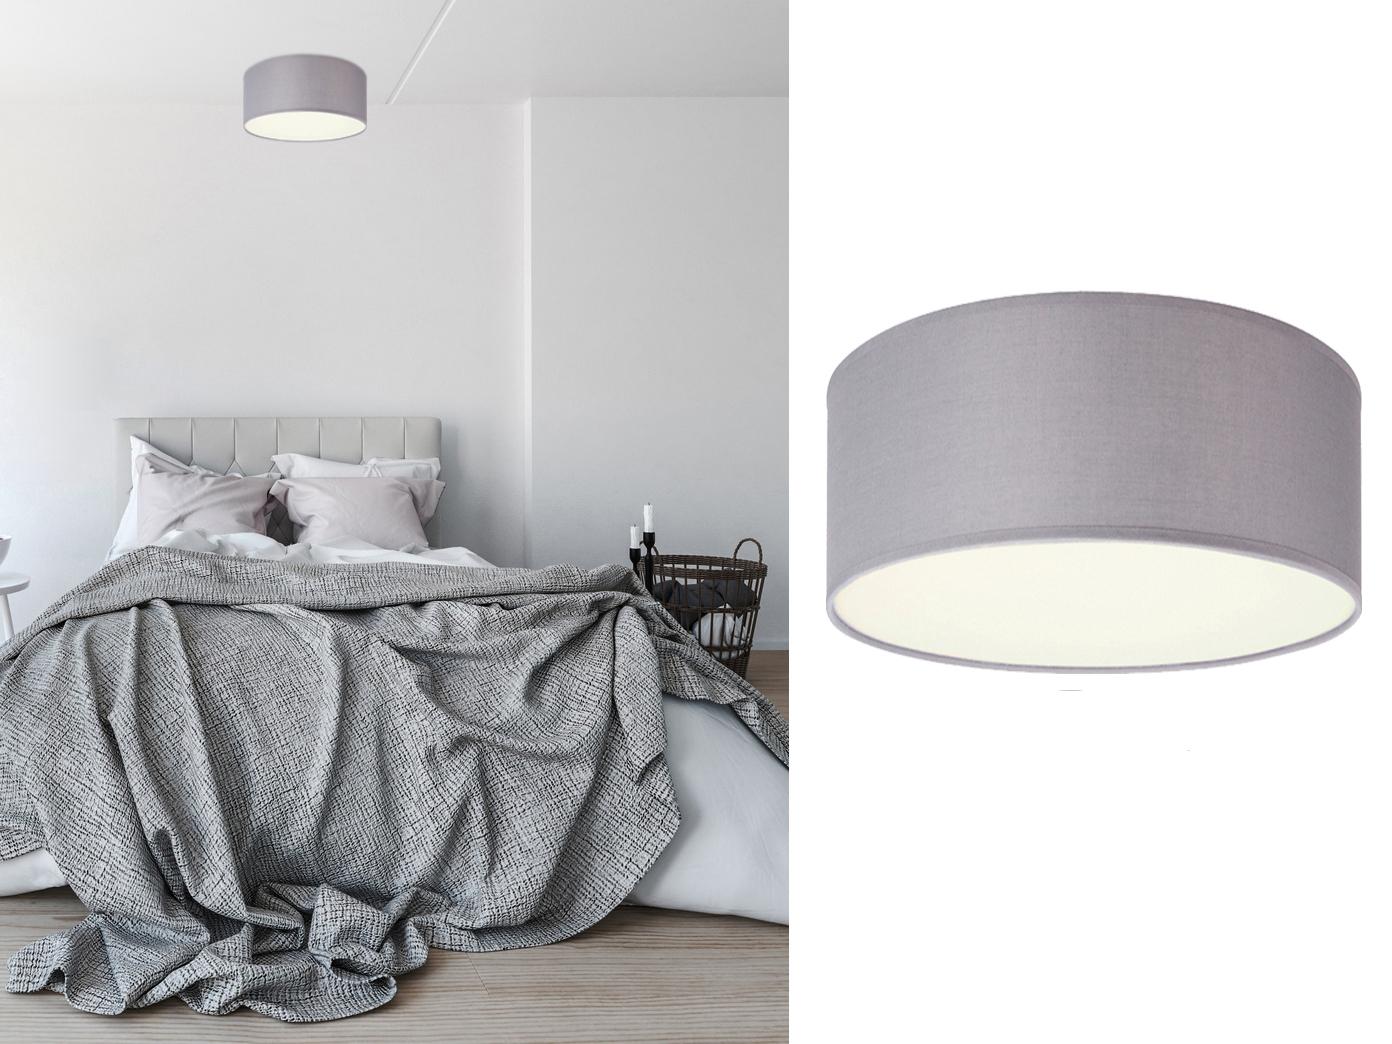 Led deckenlampe rund stoffschirm satinierte abdeckung for Deckenlampe led wohnzimmer